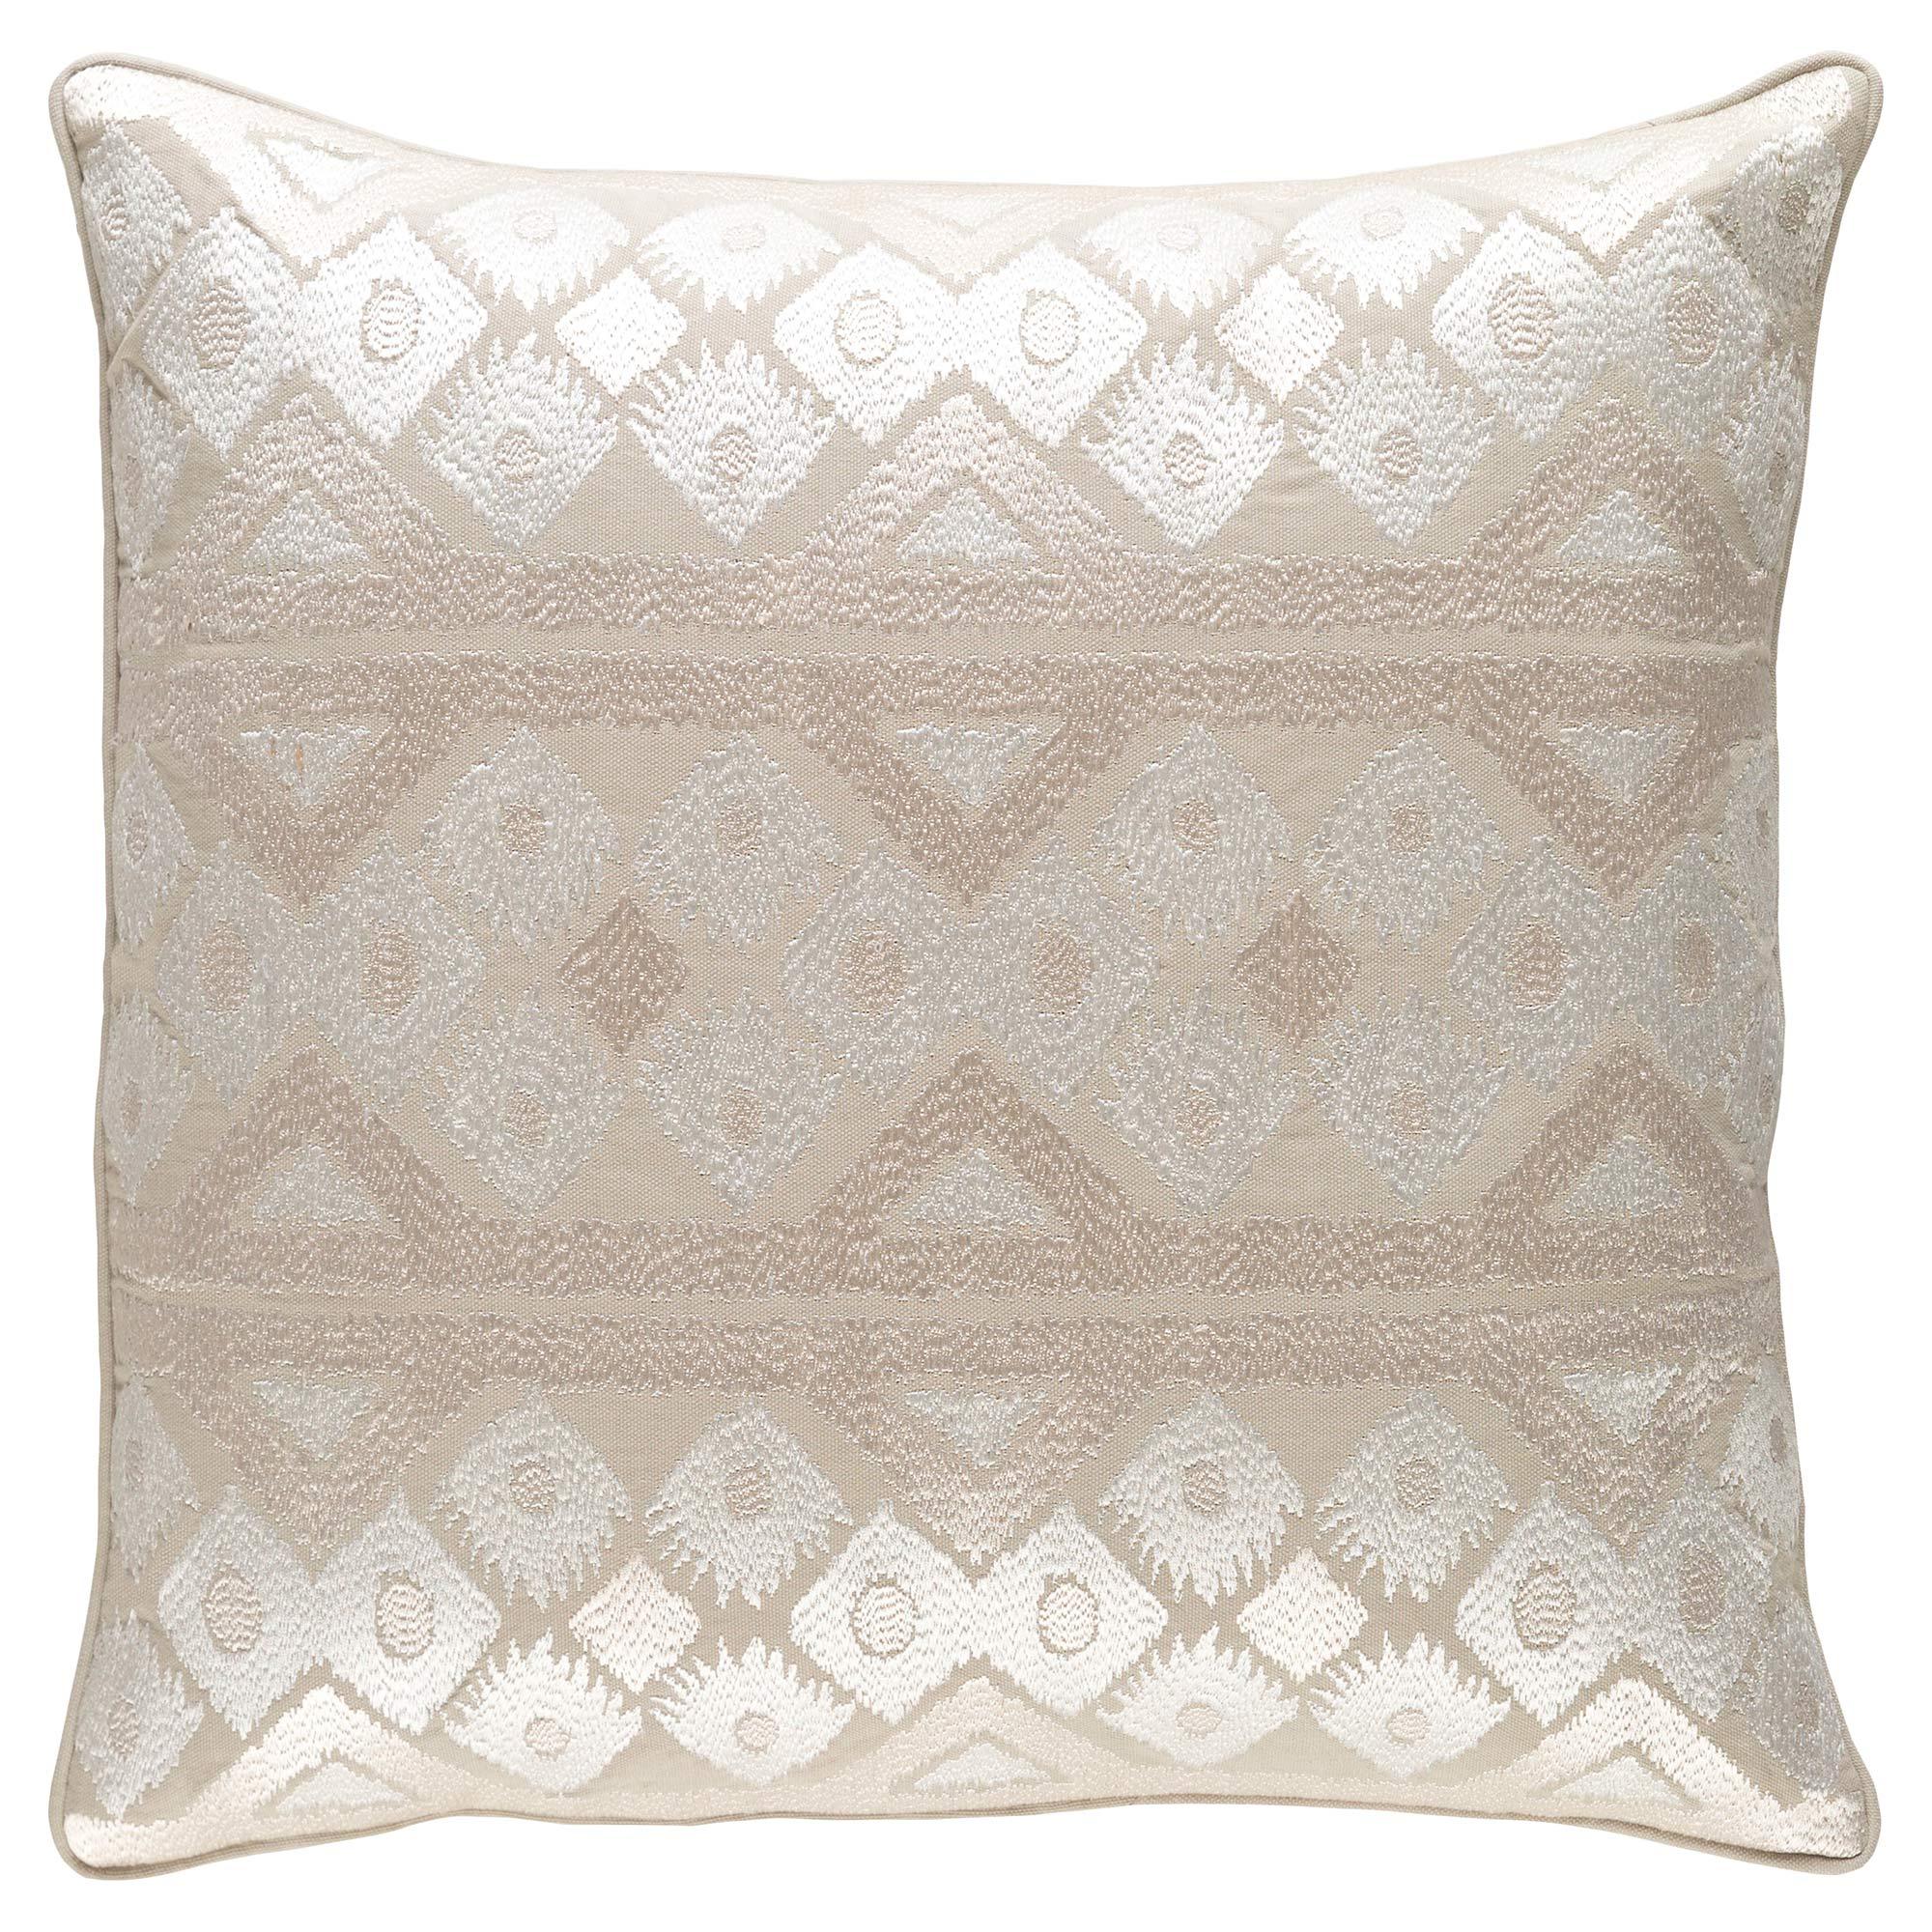 Gilji Global Regency Beige Metallic Pillow - 20x20